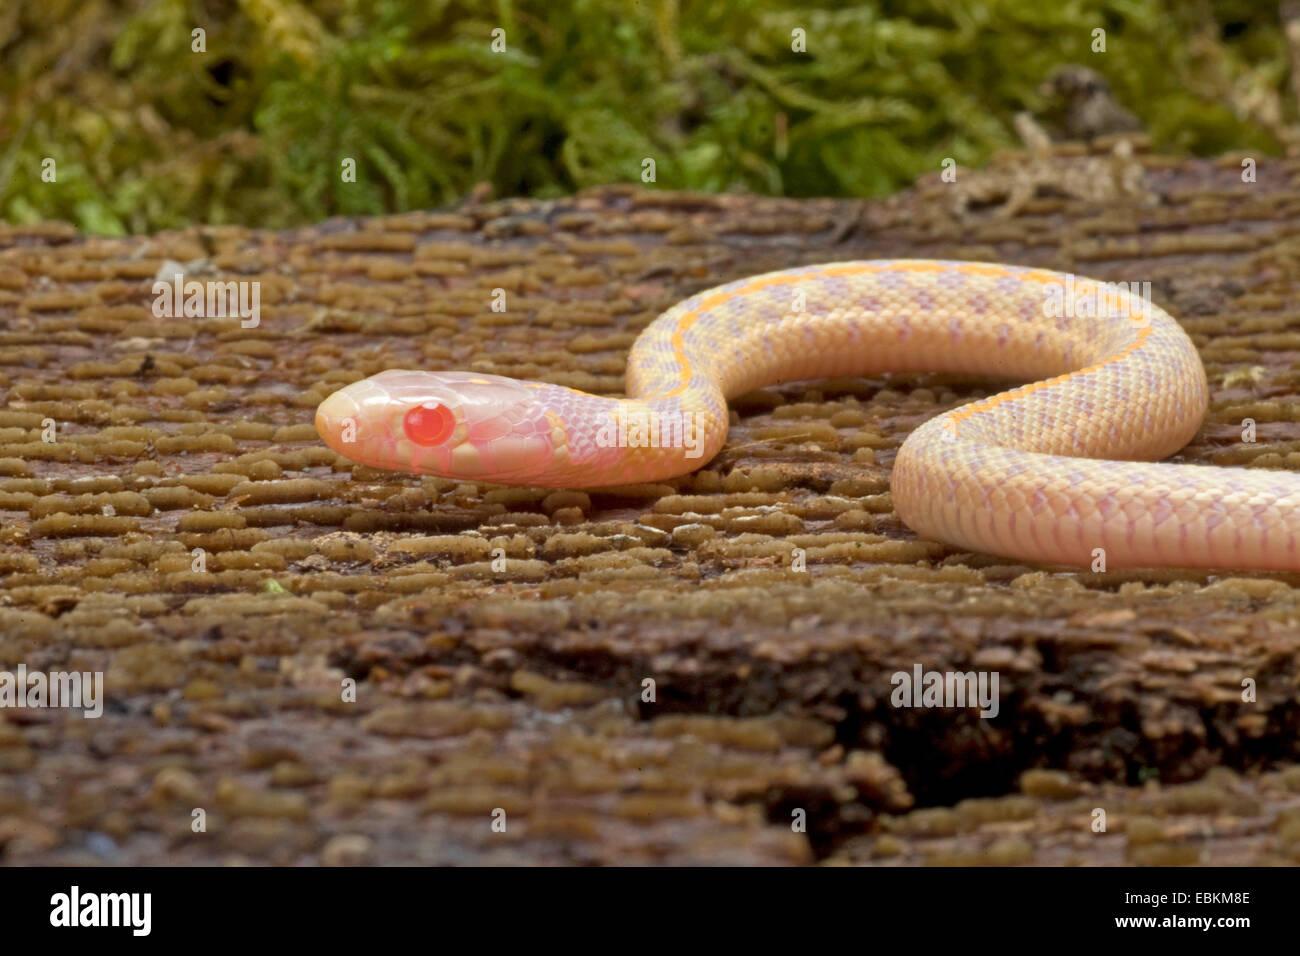 Giarrettiera a scacchi Snake (Thamnophis marcianus), albino Immagini Stock